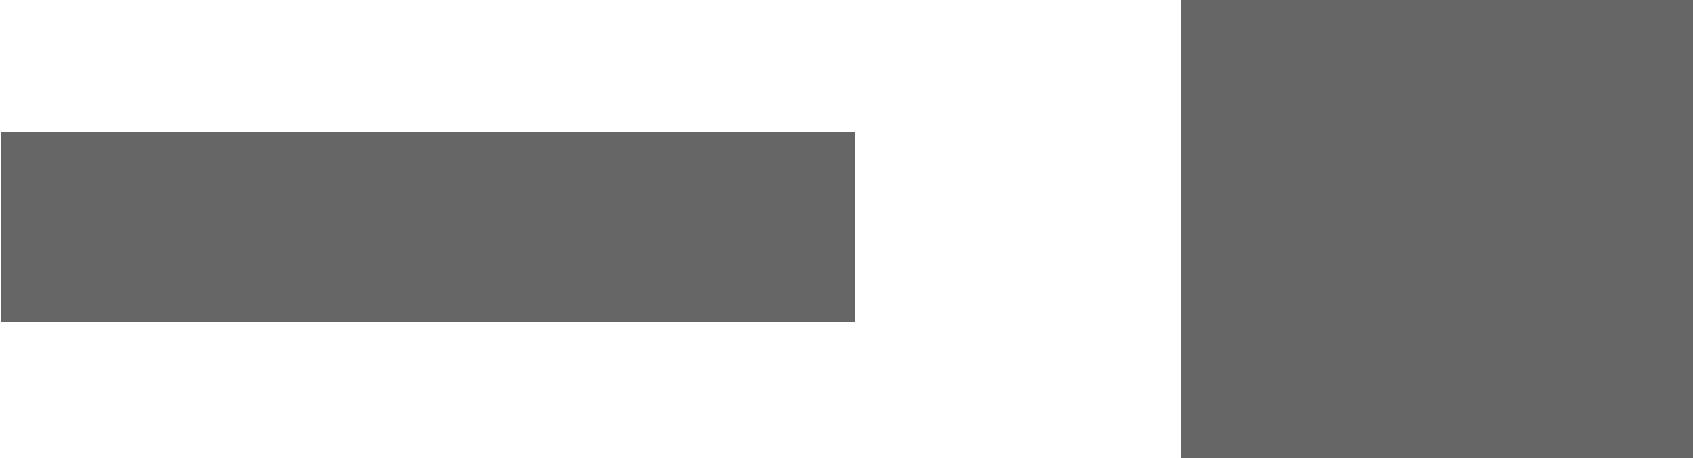 Label-Europa-fuer-Niedersachsen-EU-Union